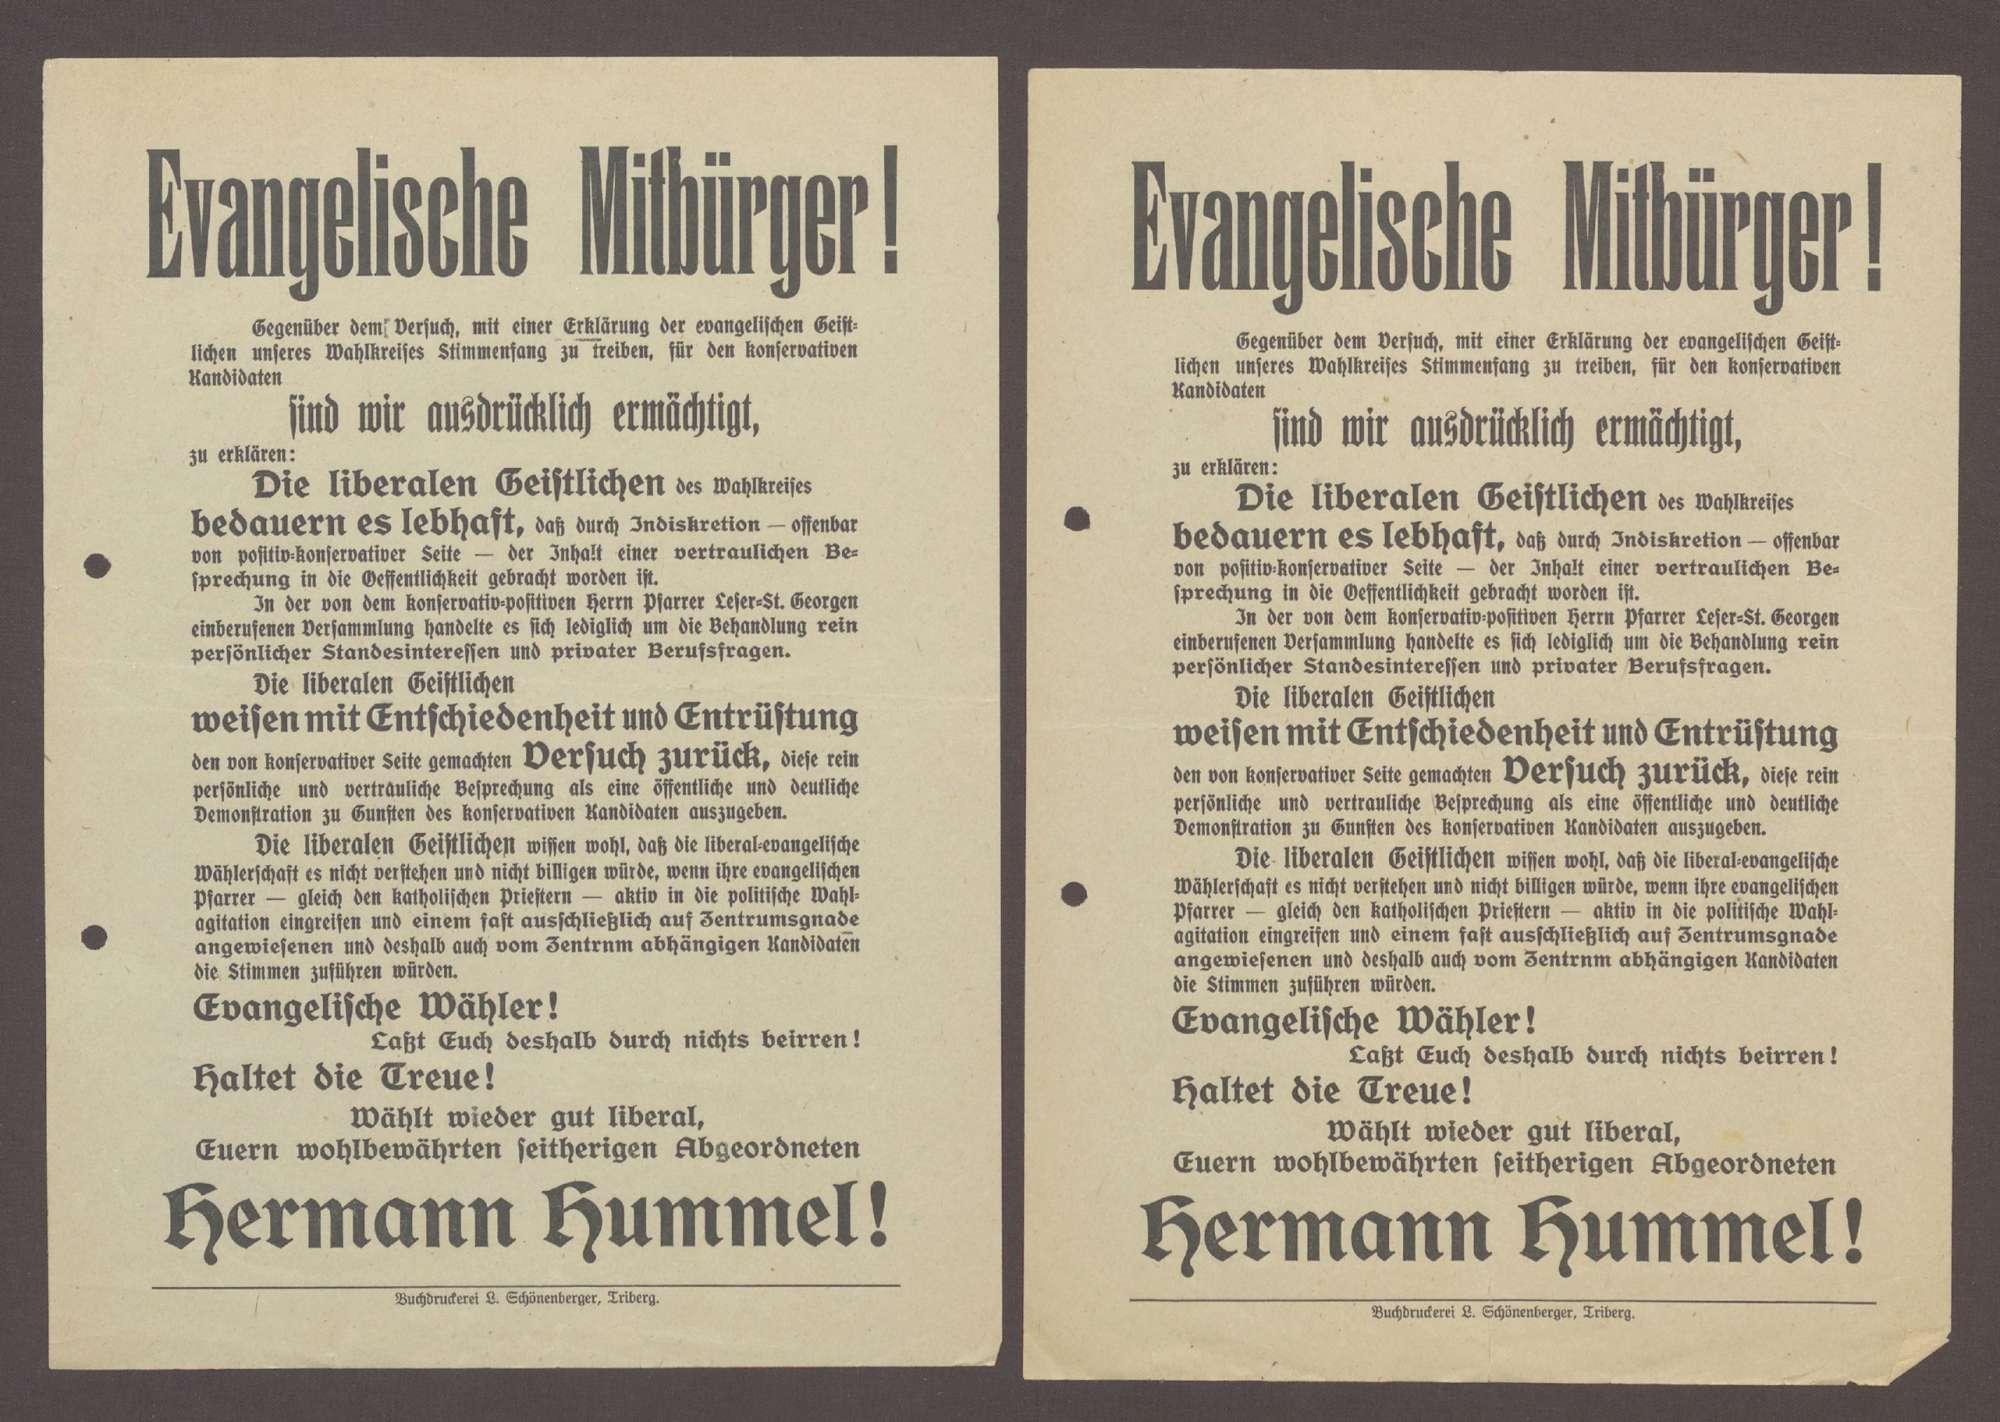 """Flugblatt: """"Evangelische Mitbürger! Gegenüber dem Versuch...Hermann Hummel!"""", Fortschrittliche Volkspartei, 1913, Buchdruckerei L. Schönenberger, Triberg, Bild 1"""